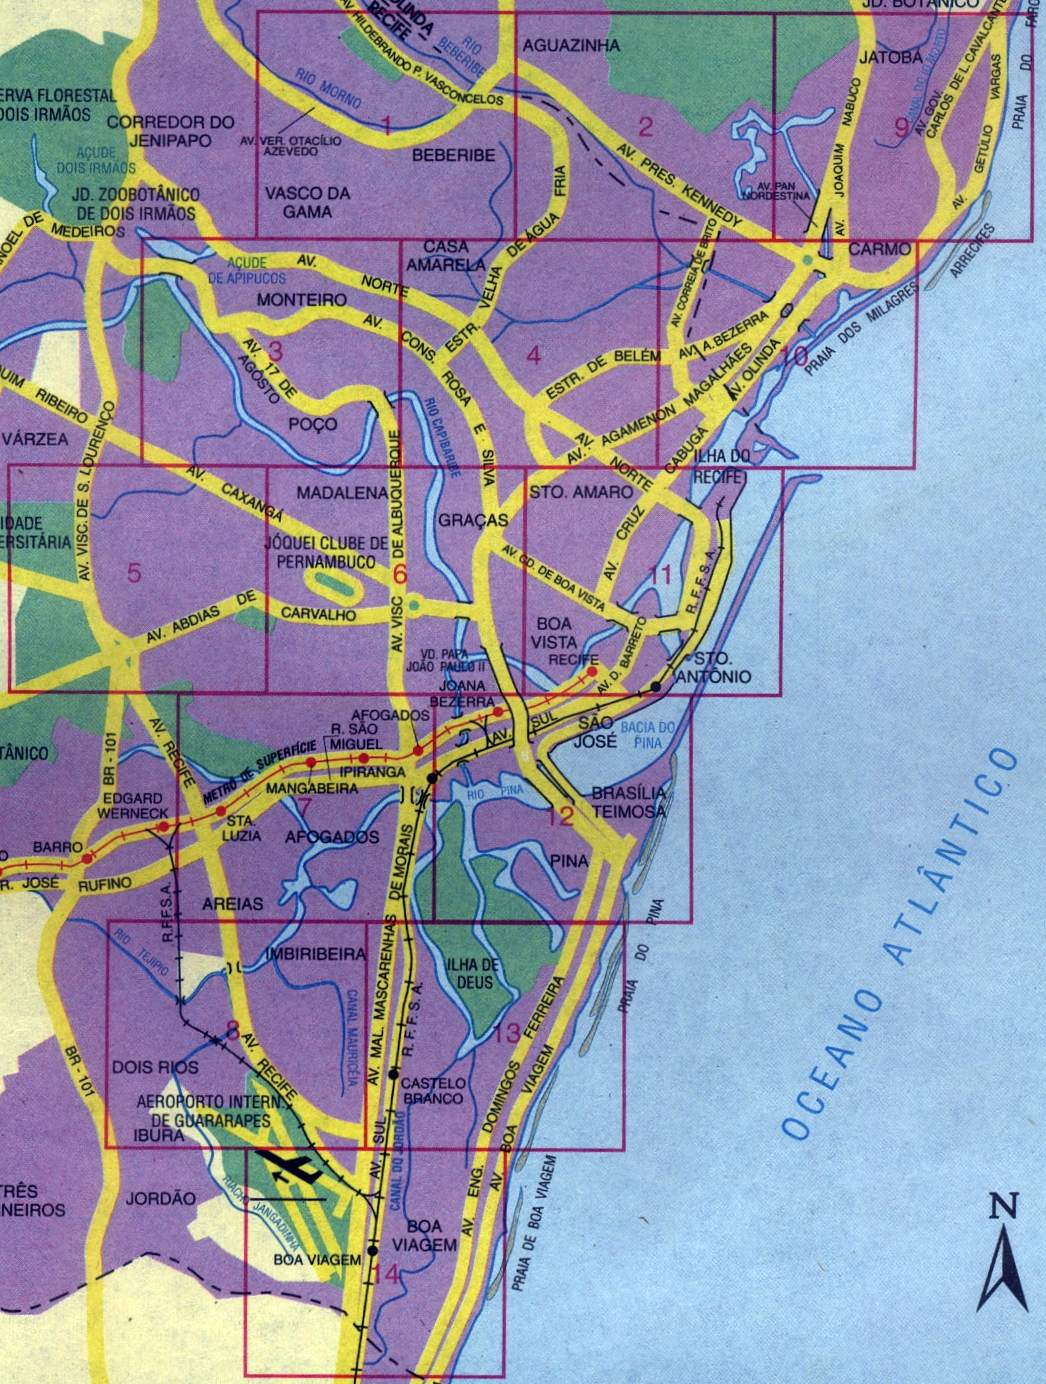 Mapa de la Ciudad de Recife, Brasil